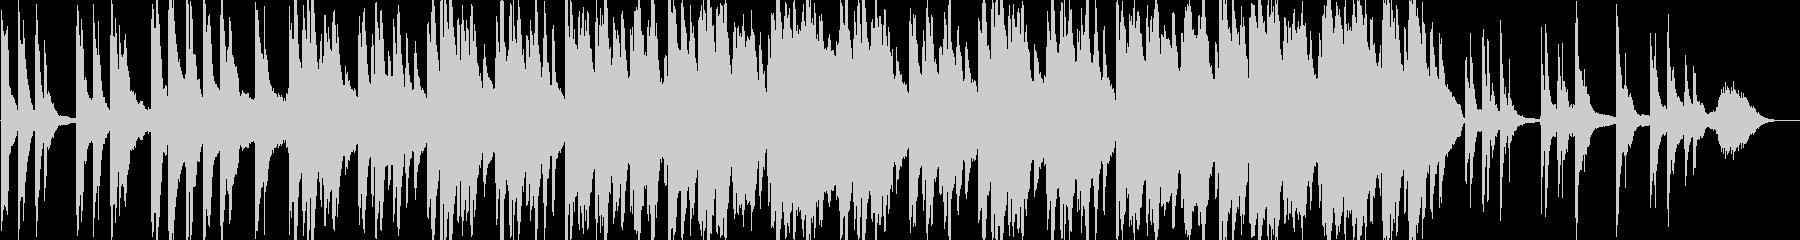 感動的なバラードのピアノ曲の未再生の波形